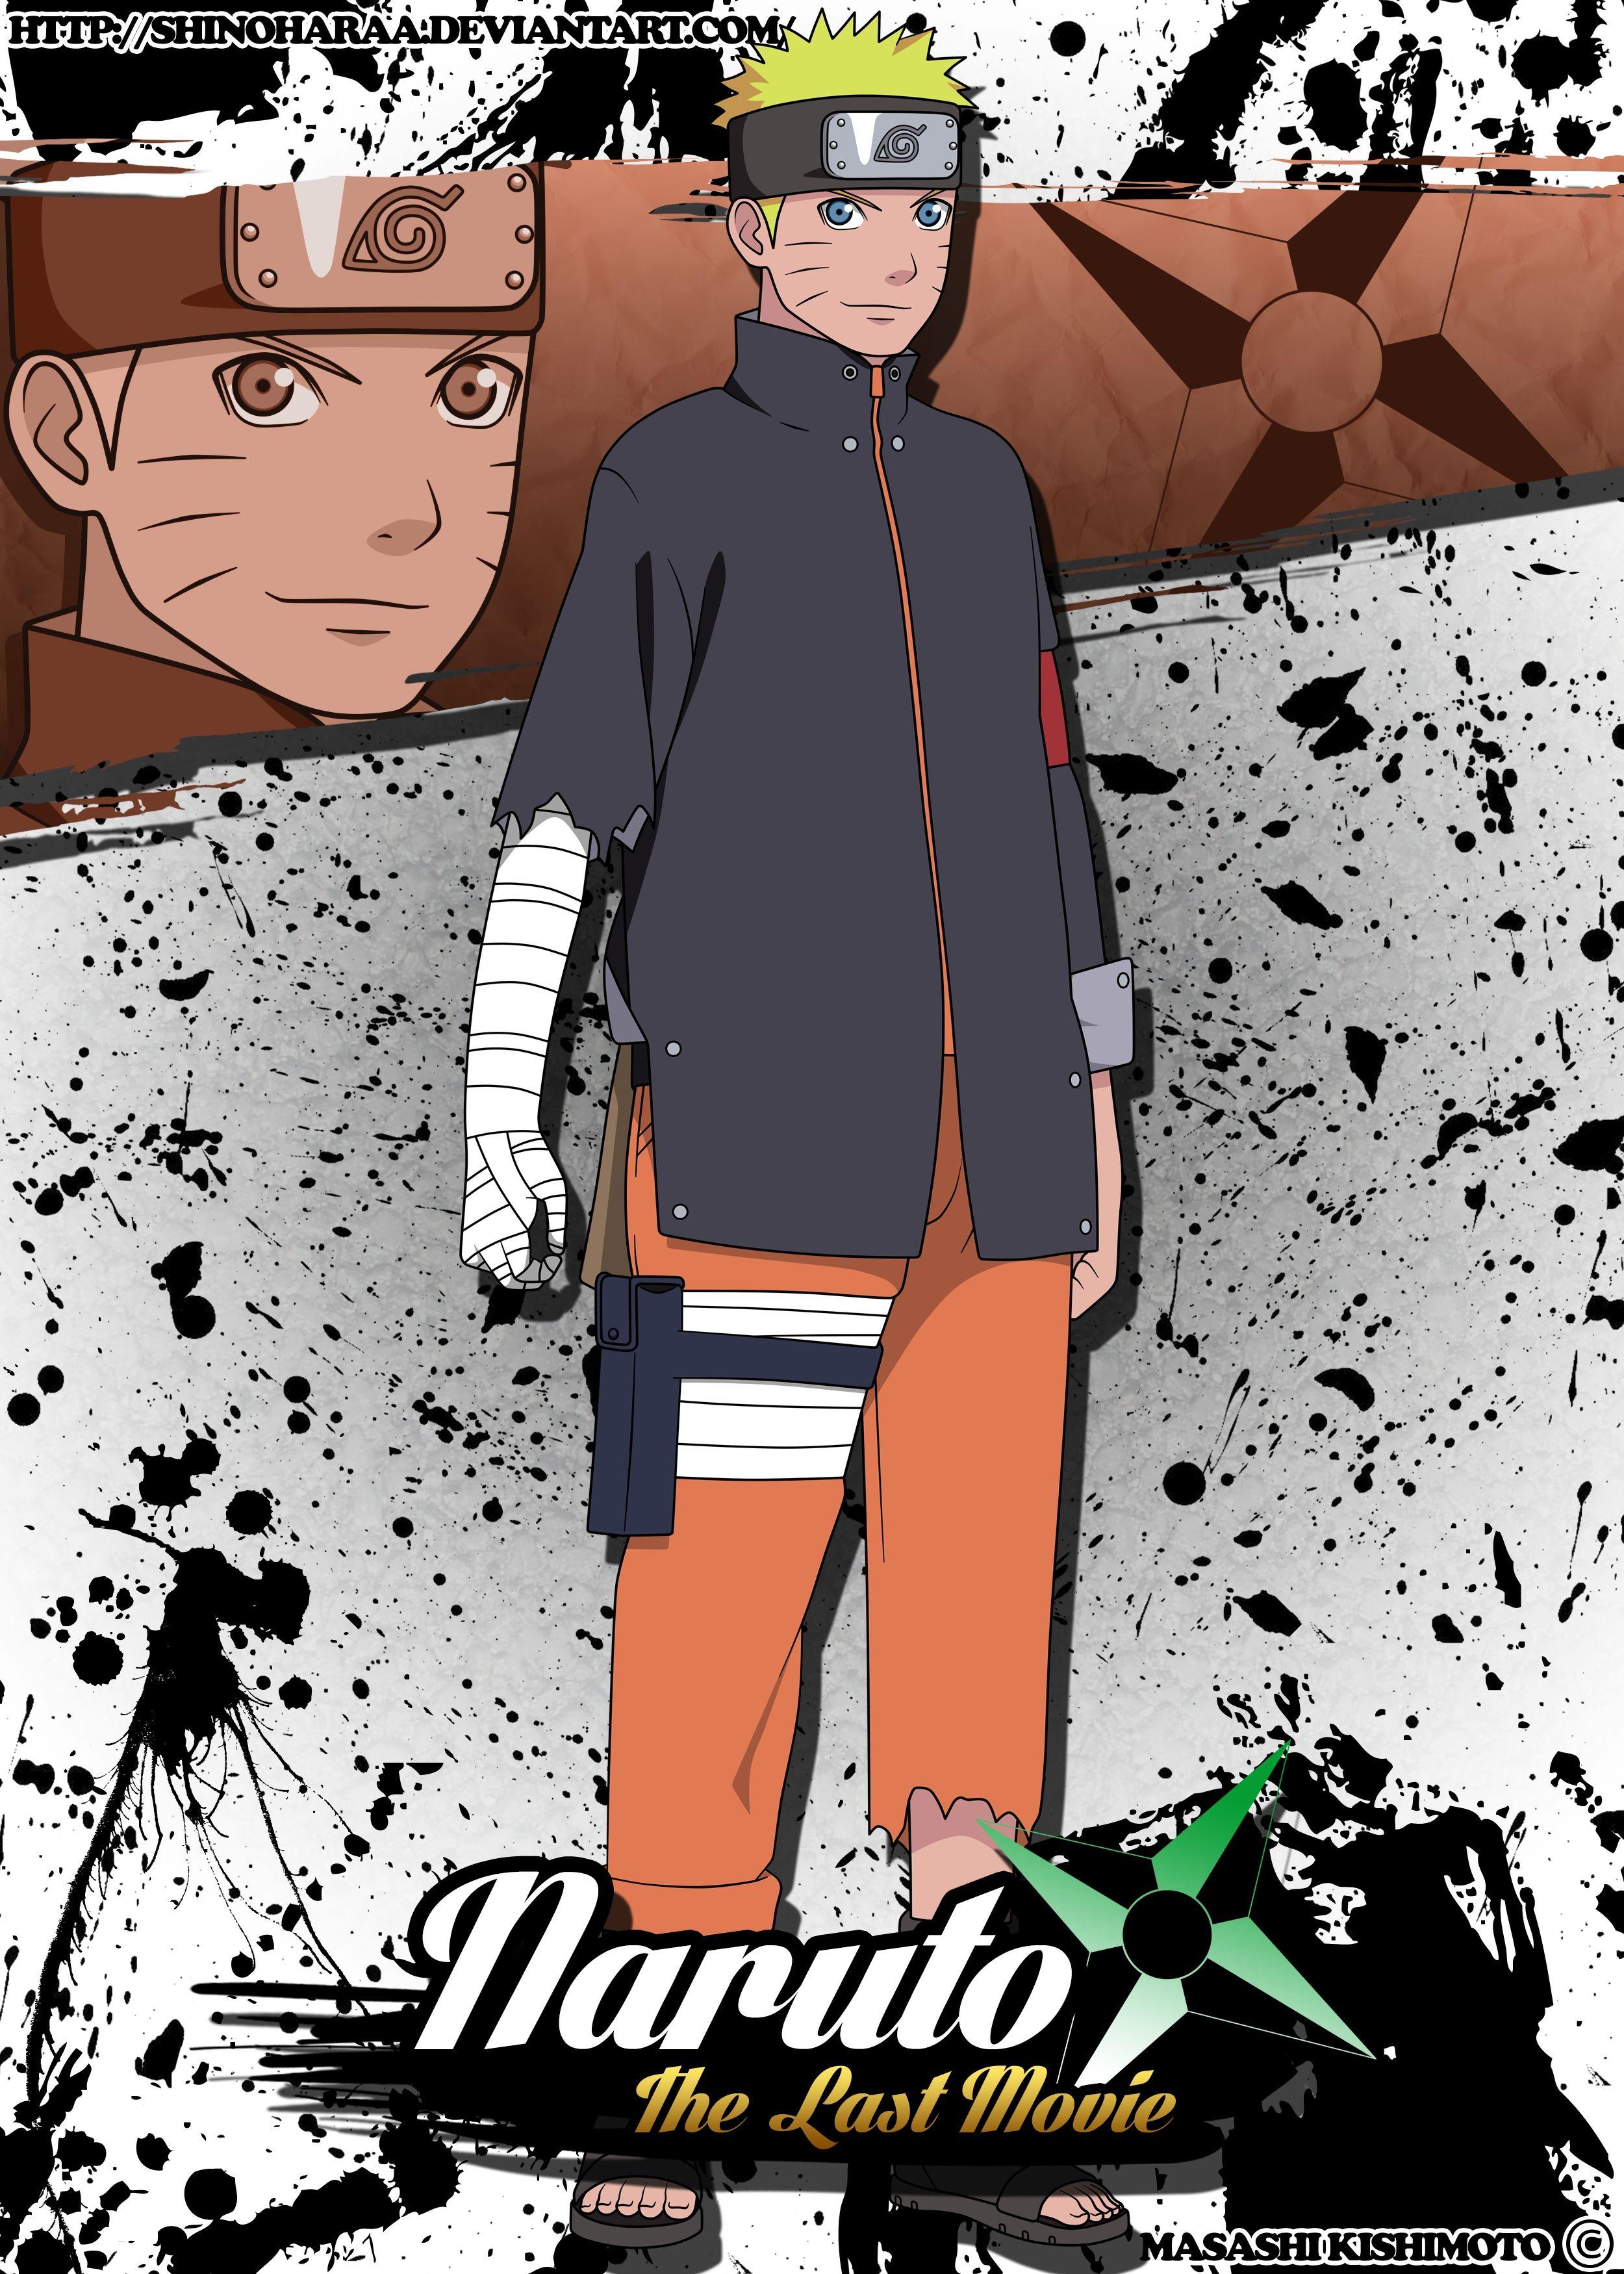 Épinglé par Jocelyn sur Naruto shippuden/Boruto Manga, Anime